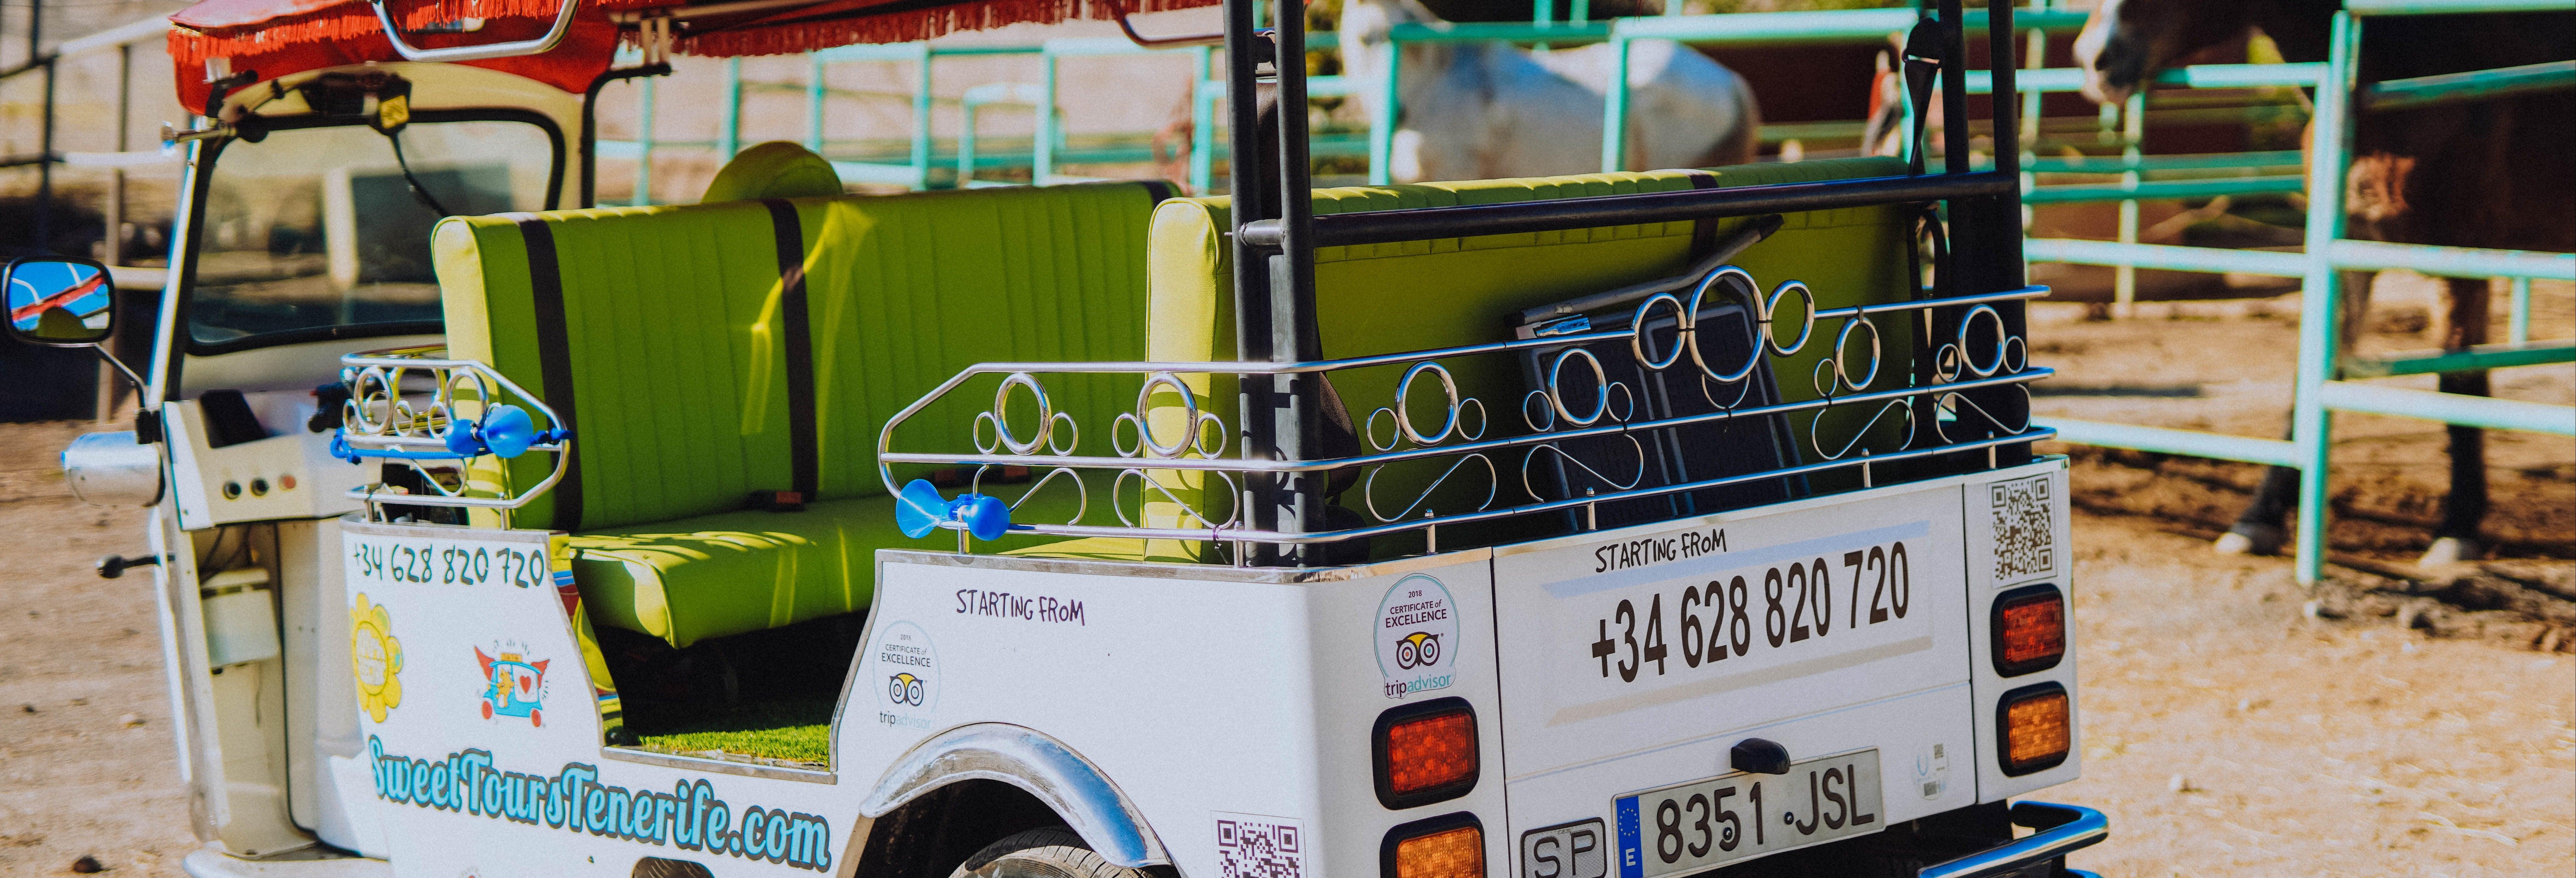 Tour en tuk tuk por Costa Adeje